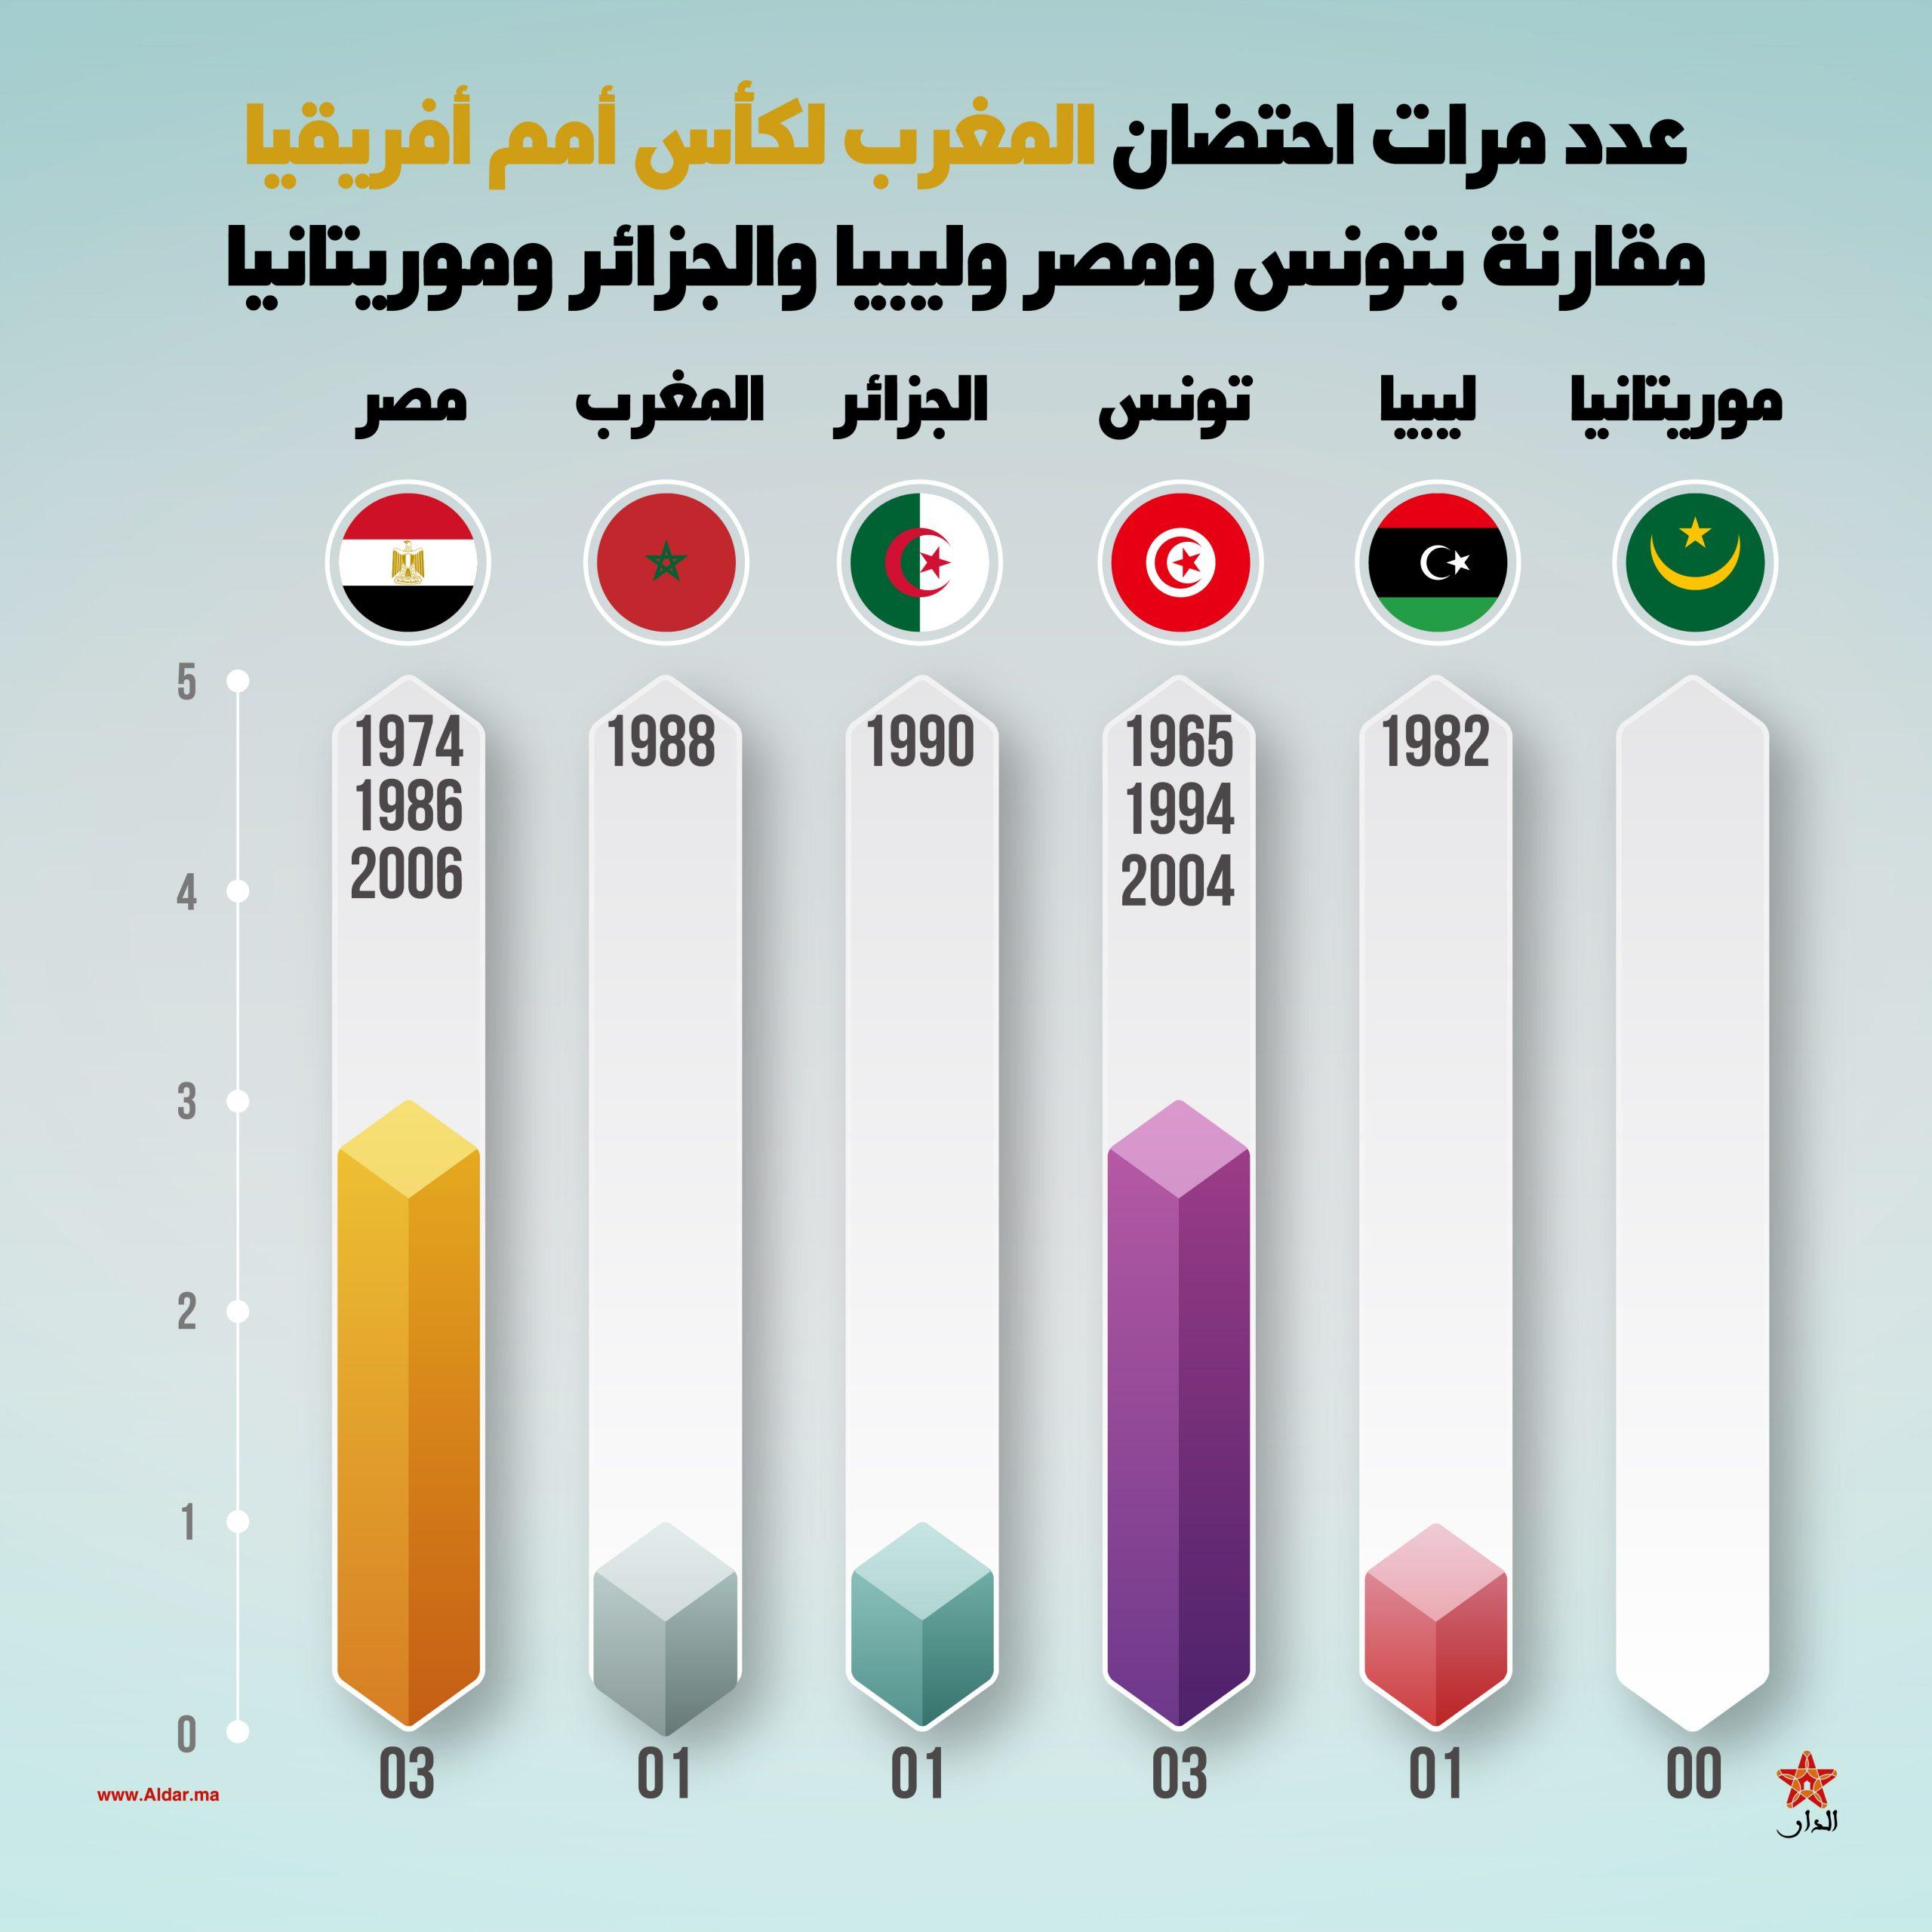 صورة عدد مرات احتضان المغرب لكأس أمم أفريقيا مقارنة بتونس ومصر وليبيا والجزائر وموريتانيا